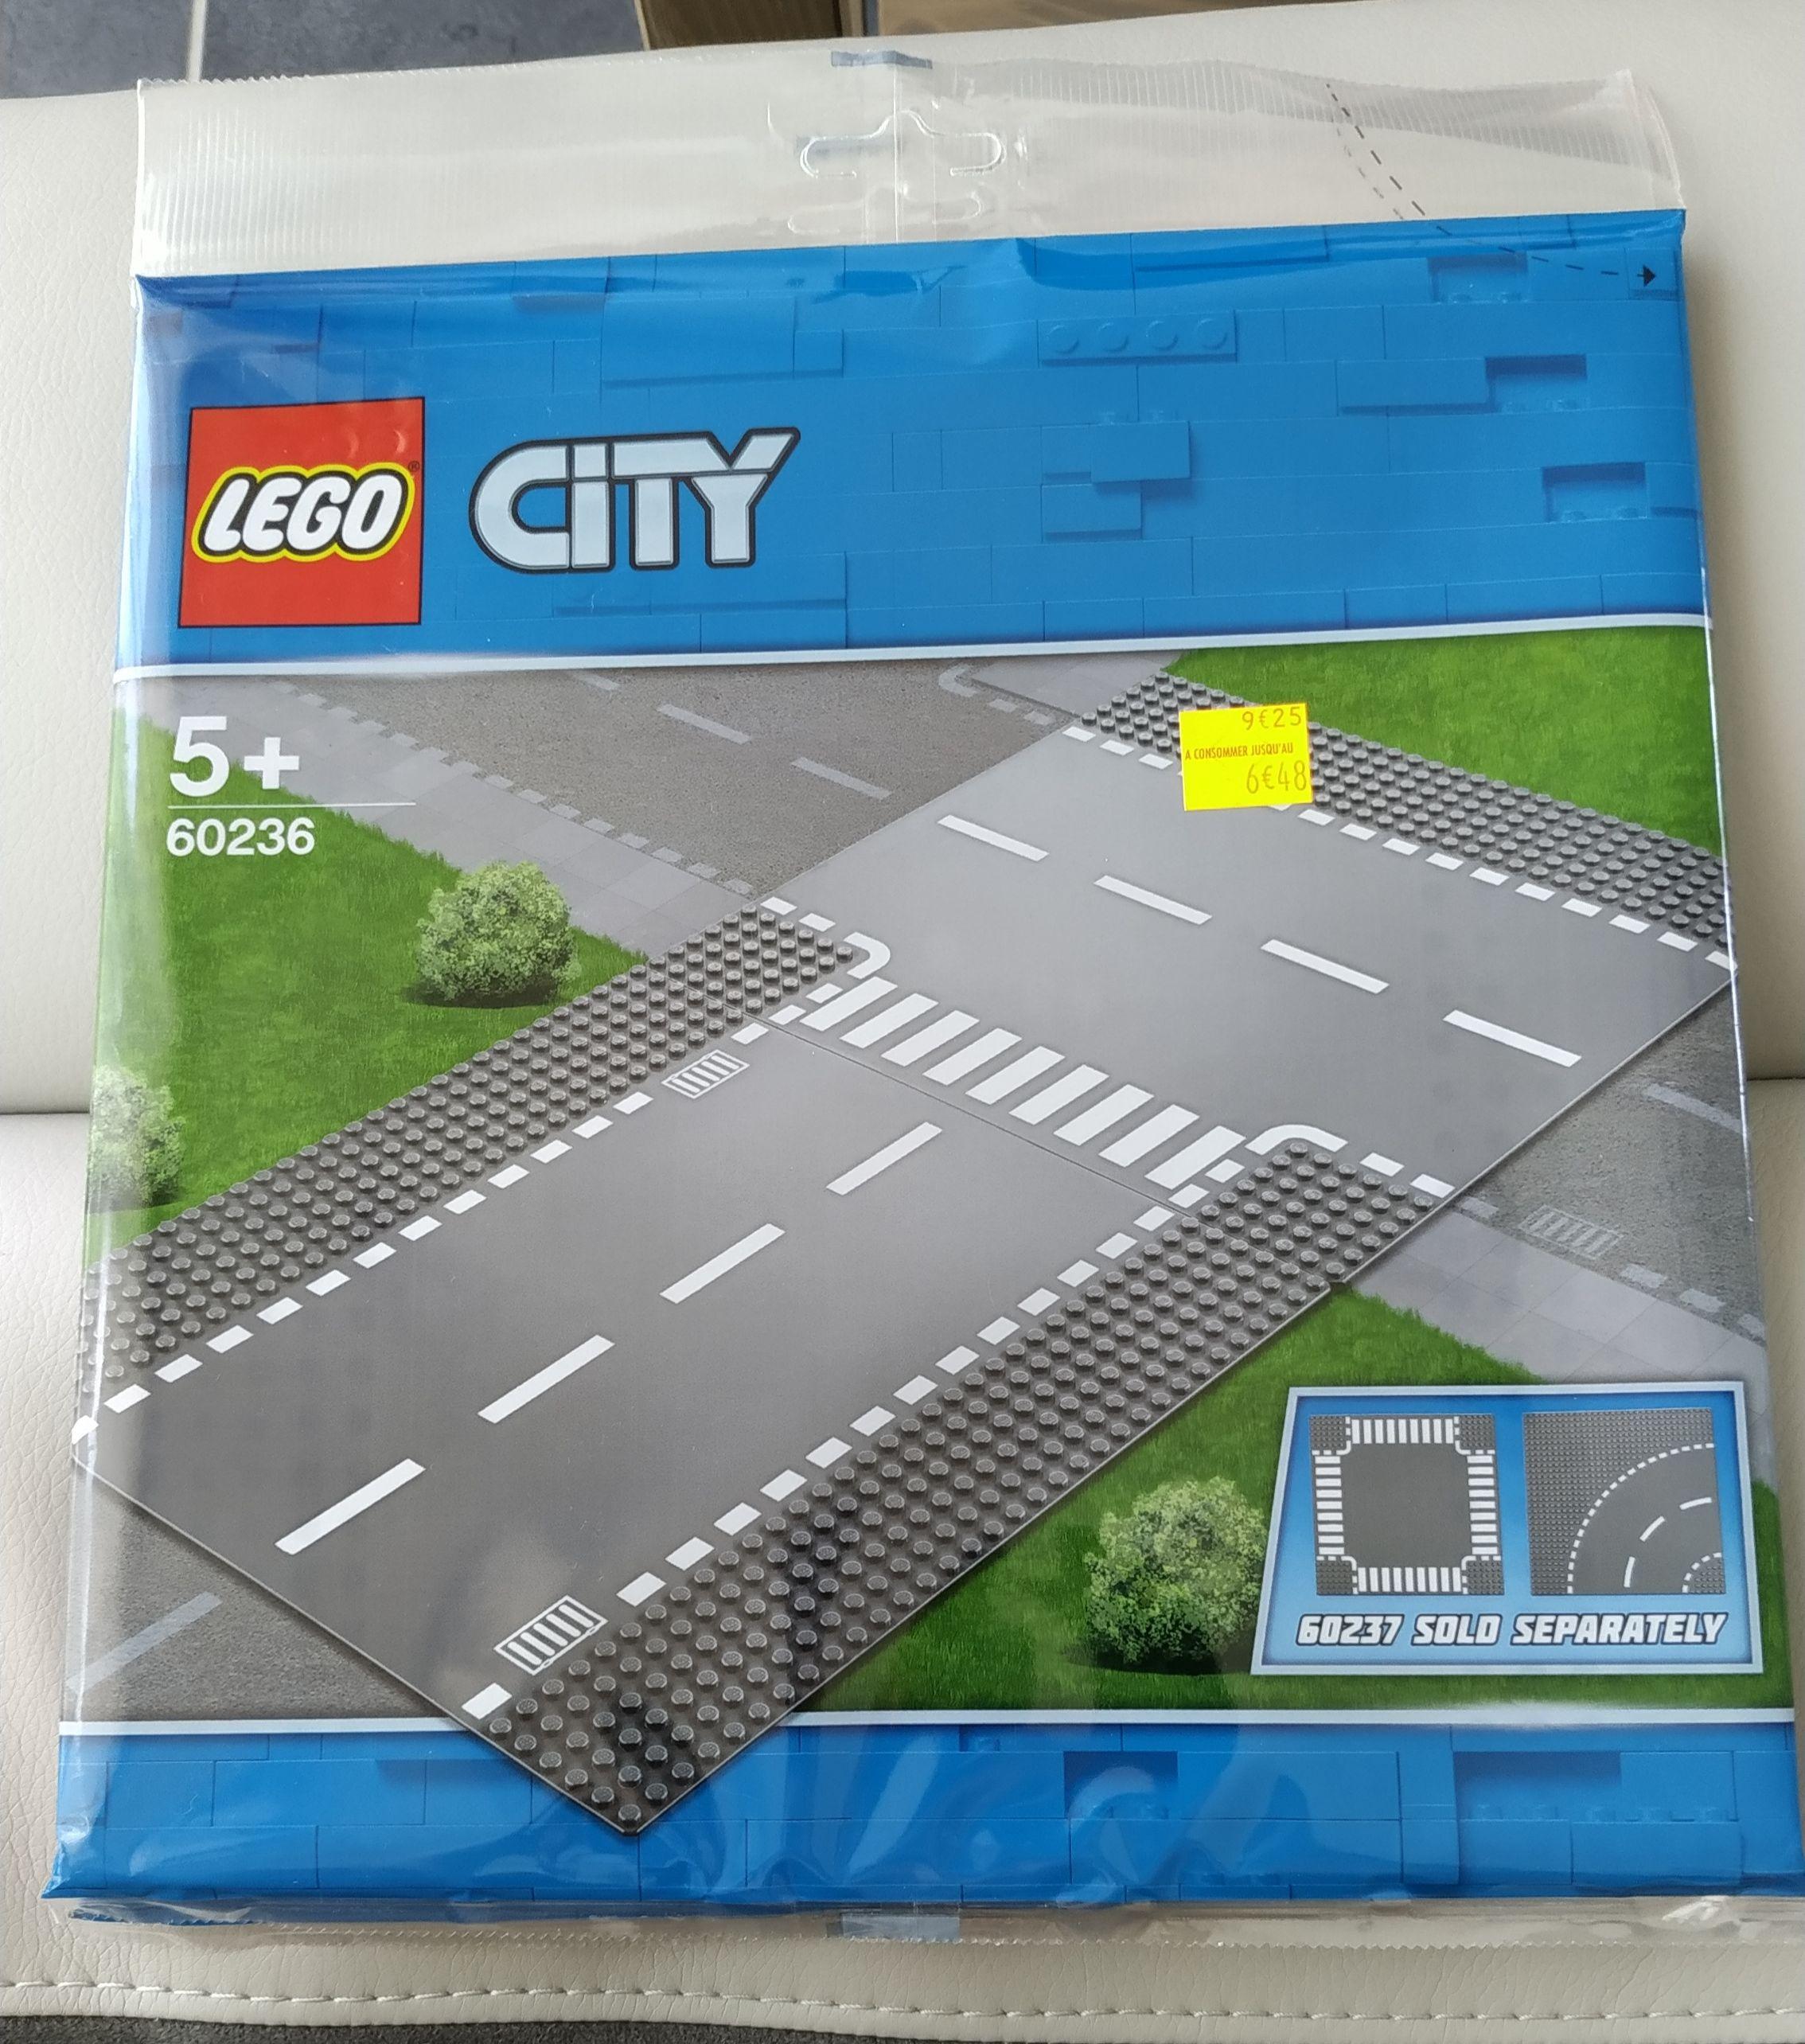 Plaque de route Lego City Droite et intersection (60236) ou Virage et carrefour (60237) - Besançon Valentin (25)